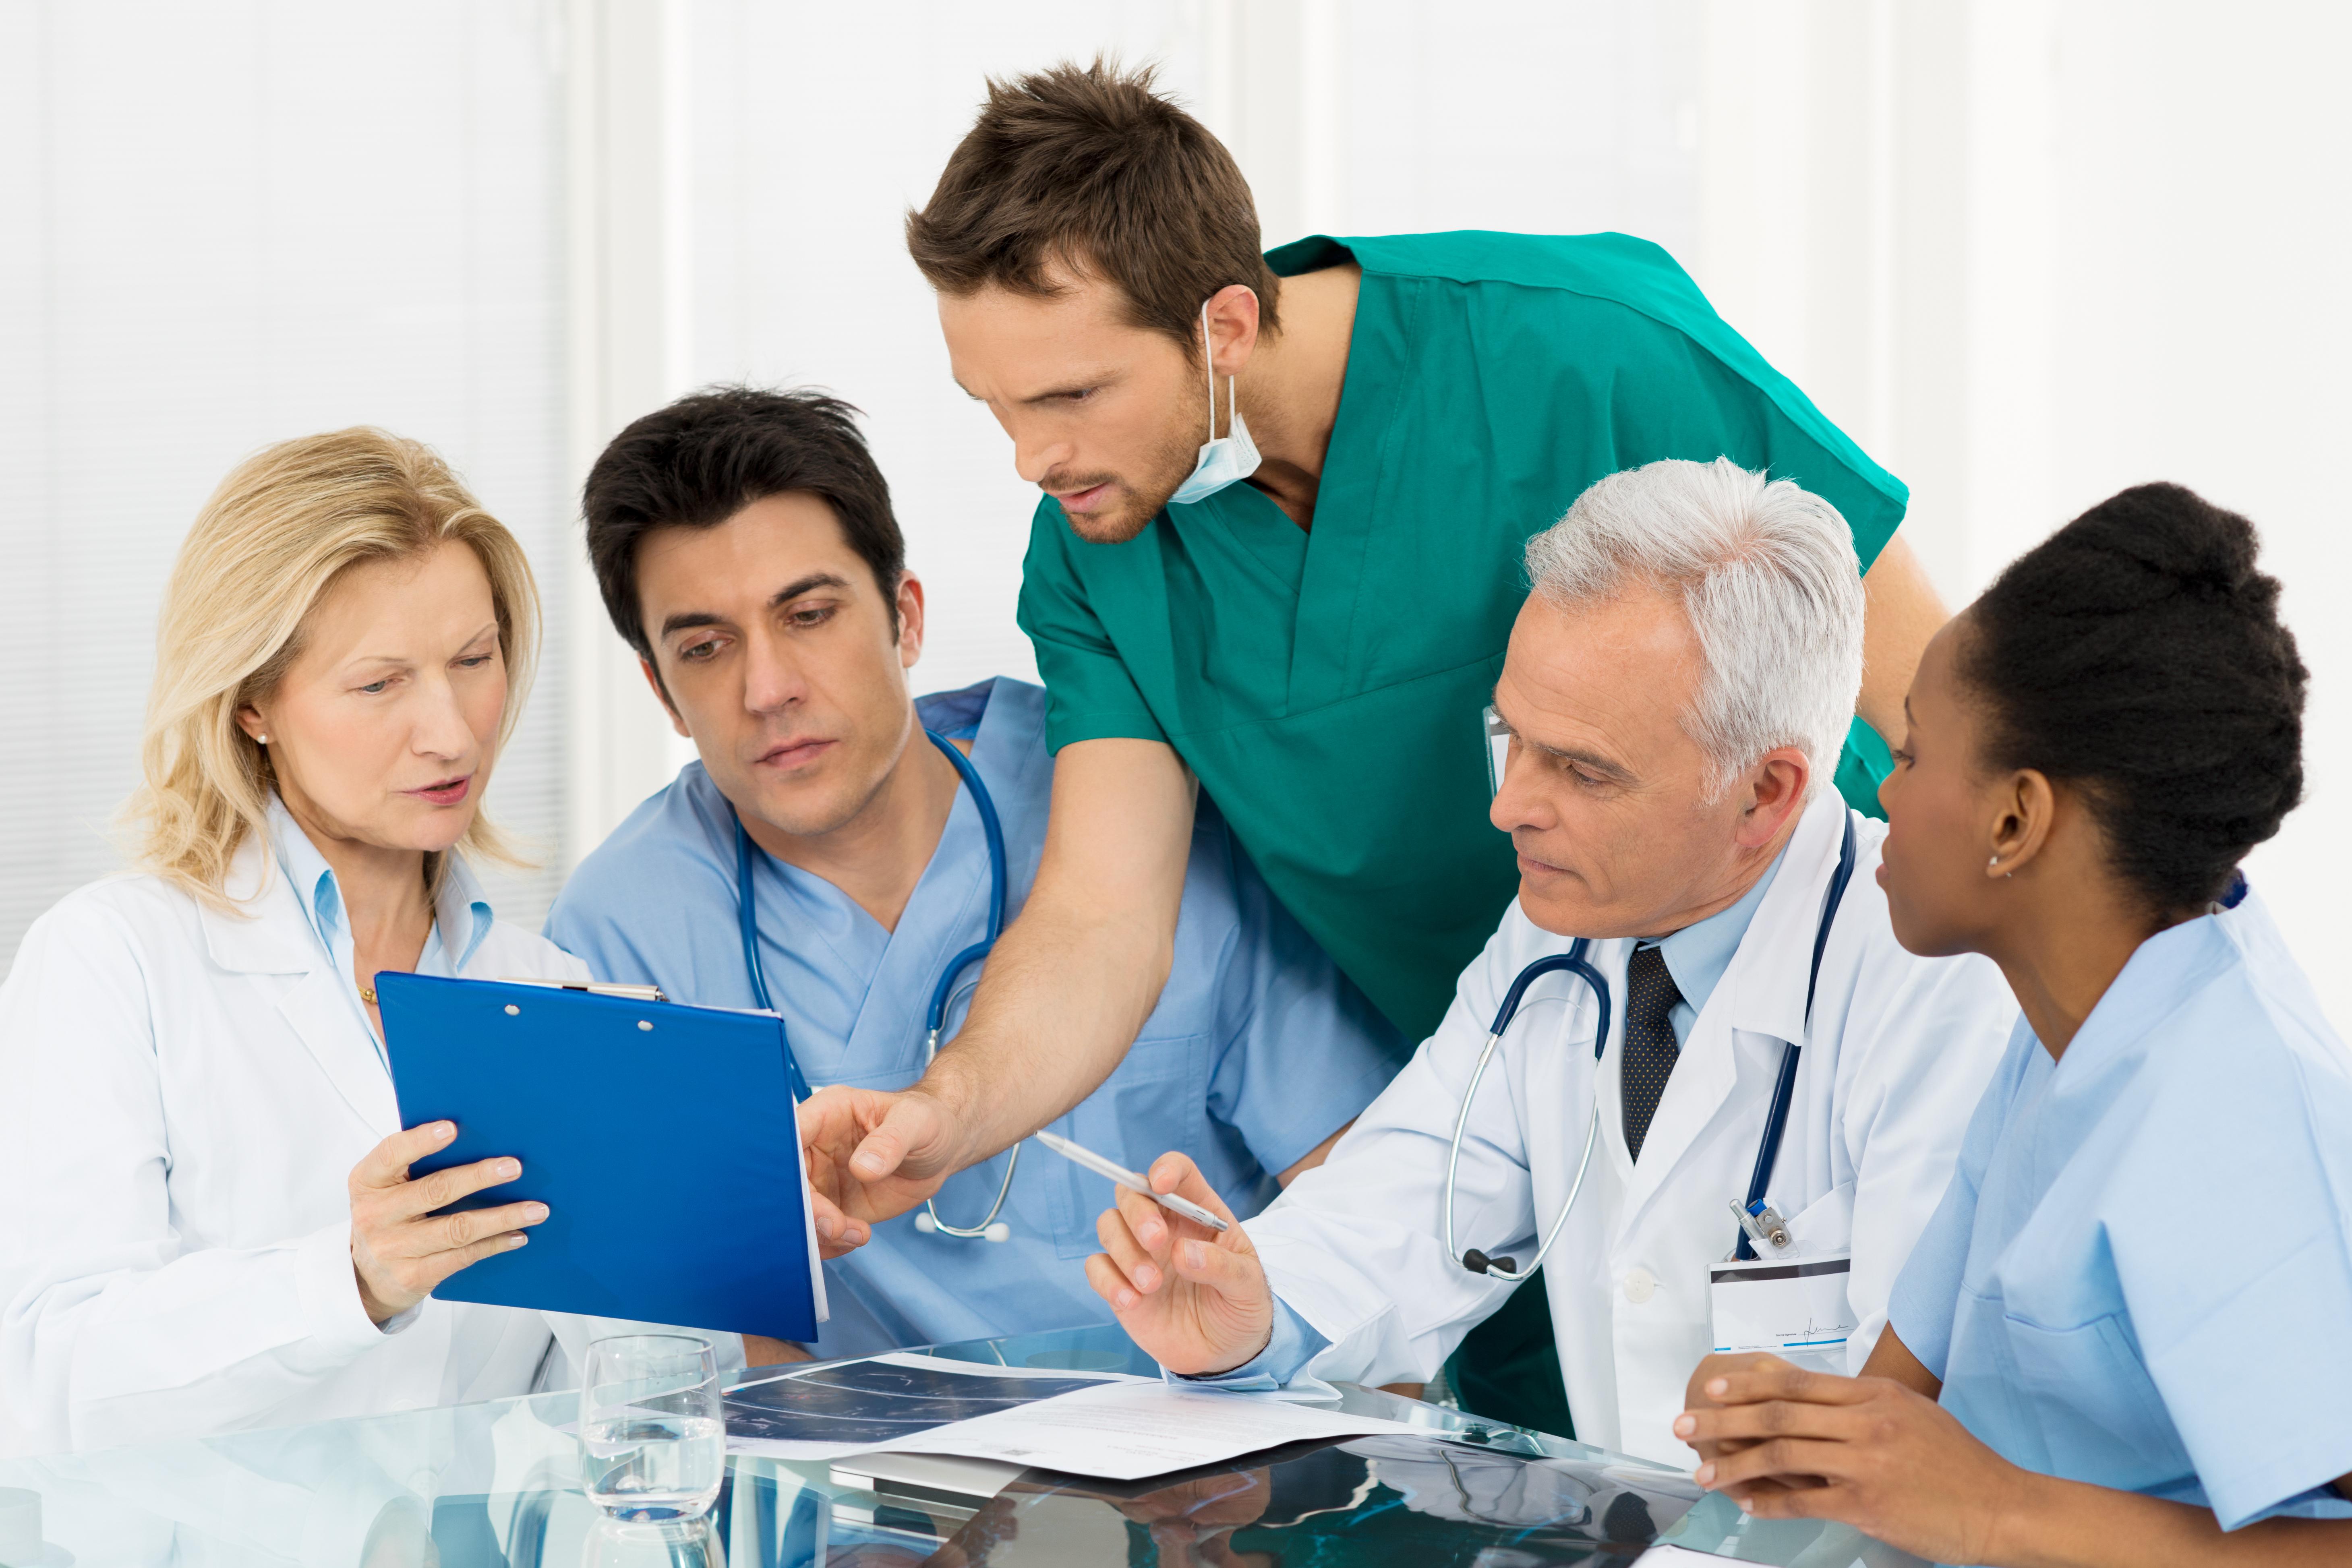 team of doctors looking over data